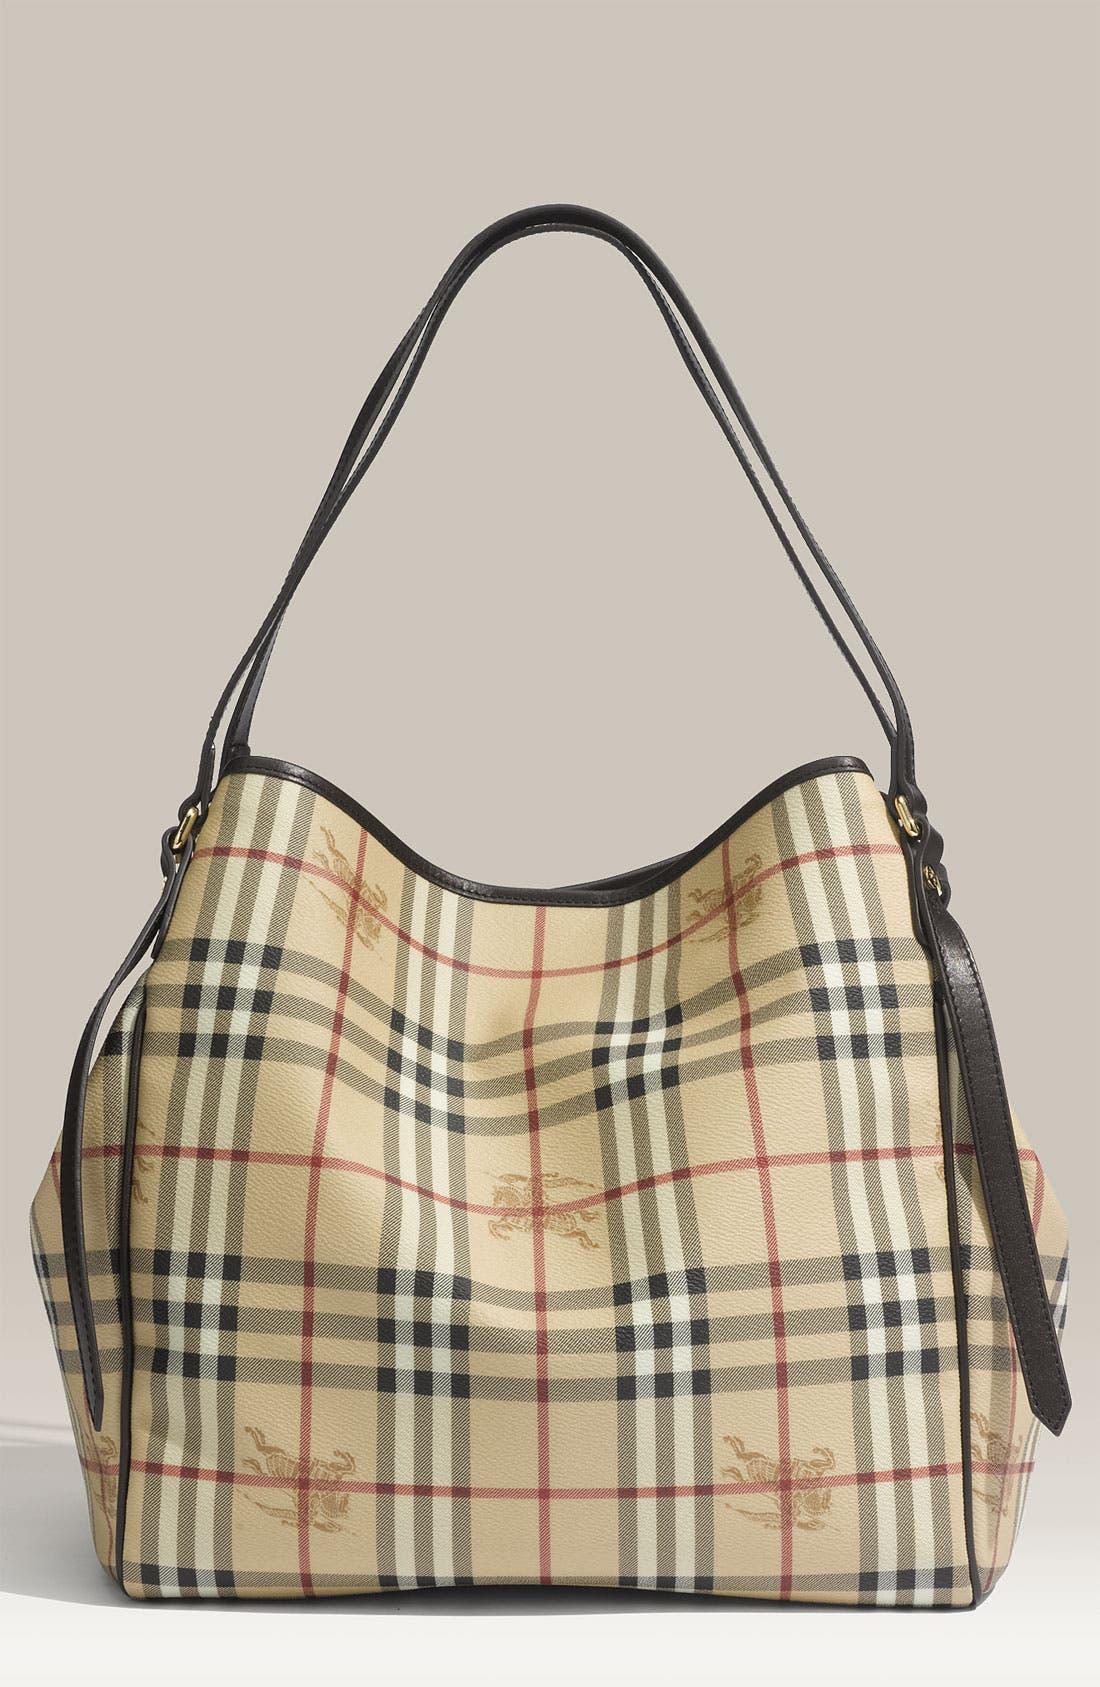 Alternate Image 1 Selected - Burberry 'Medium Haymarket Check' Shoulder Bag